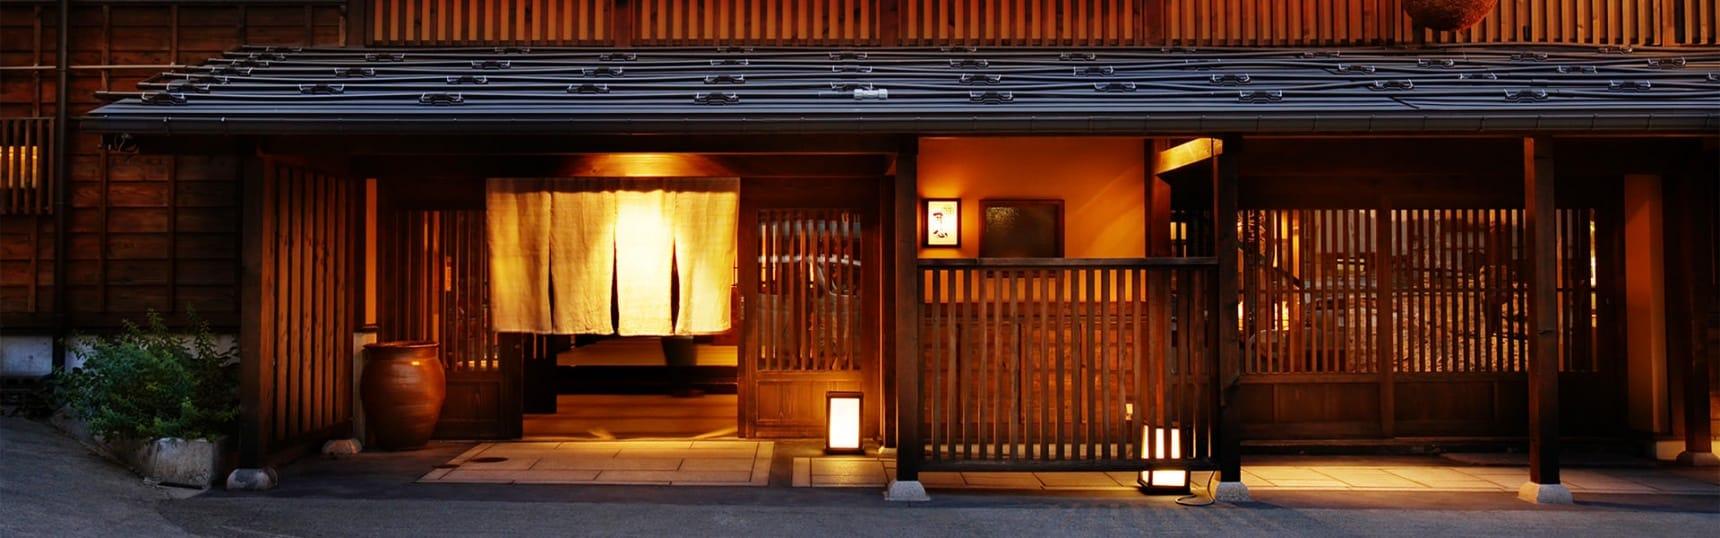 【新潟住宿】穿越時空的江戶之旅 「越後湯澤 HATAGO 井仙」住宿體驗